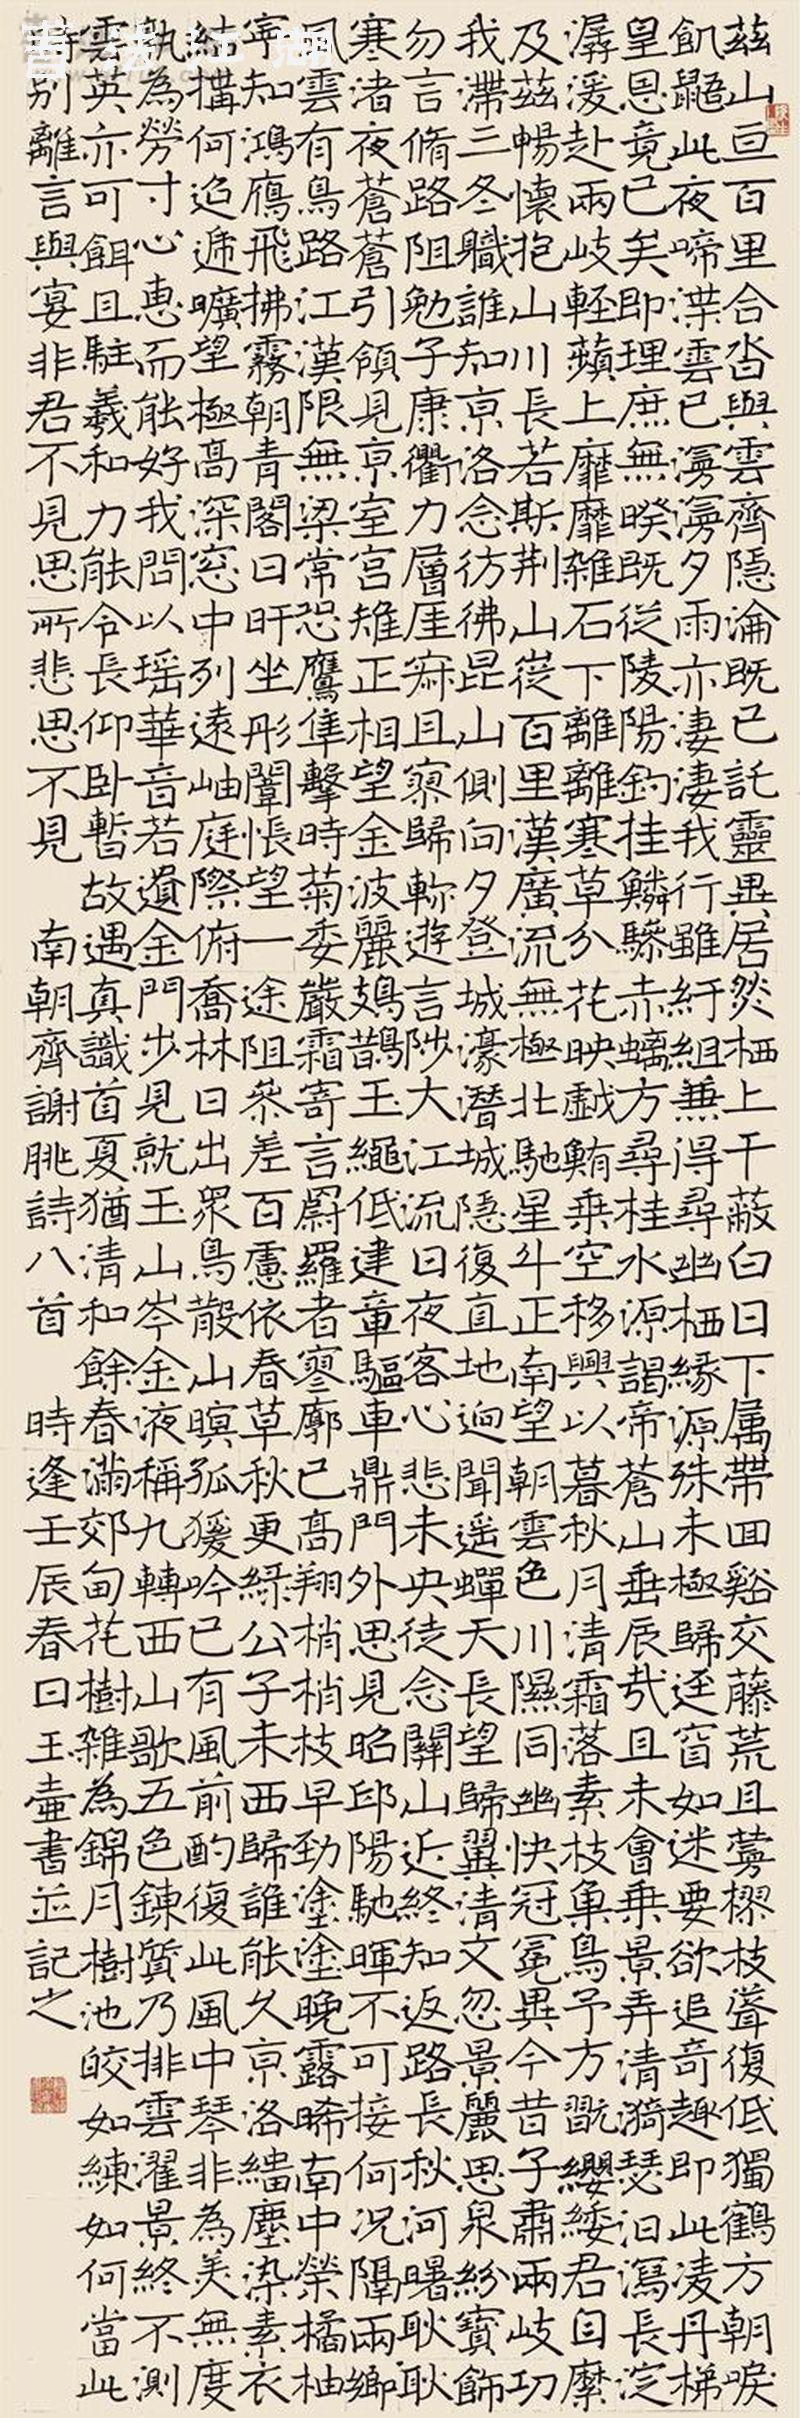 2014.1.12.玉壶作品集(对页)_页面_04.jpg